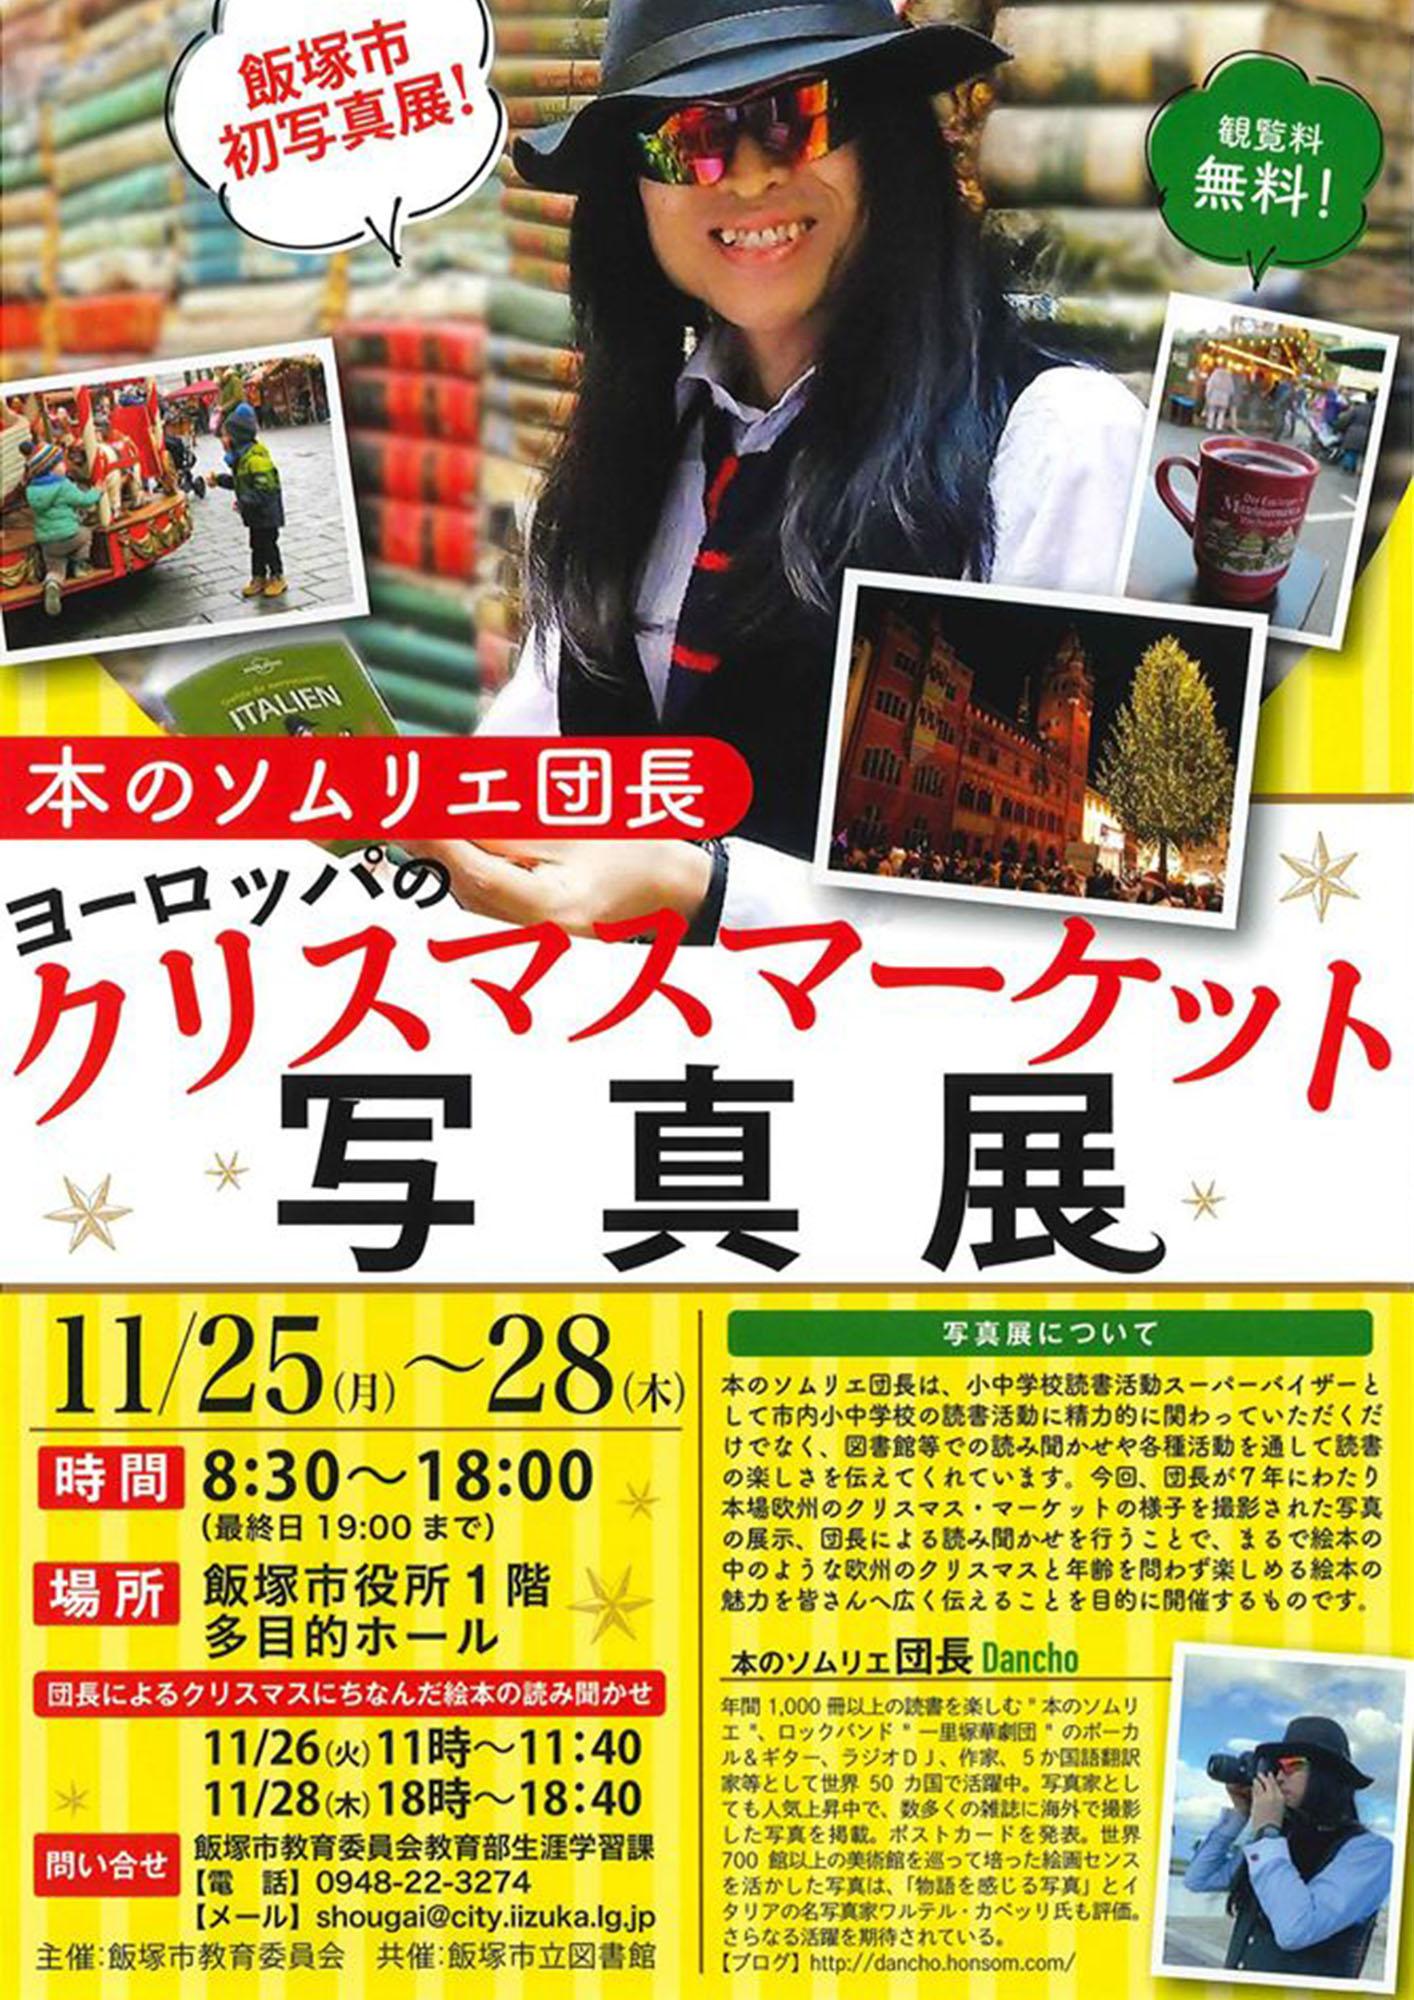 本のソムリエ団長 ヨーロッパのクリスマスマーケット写真展